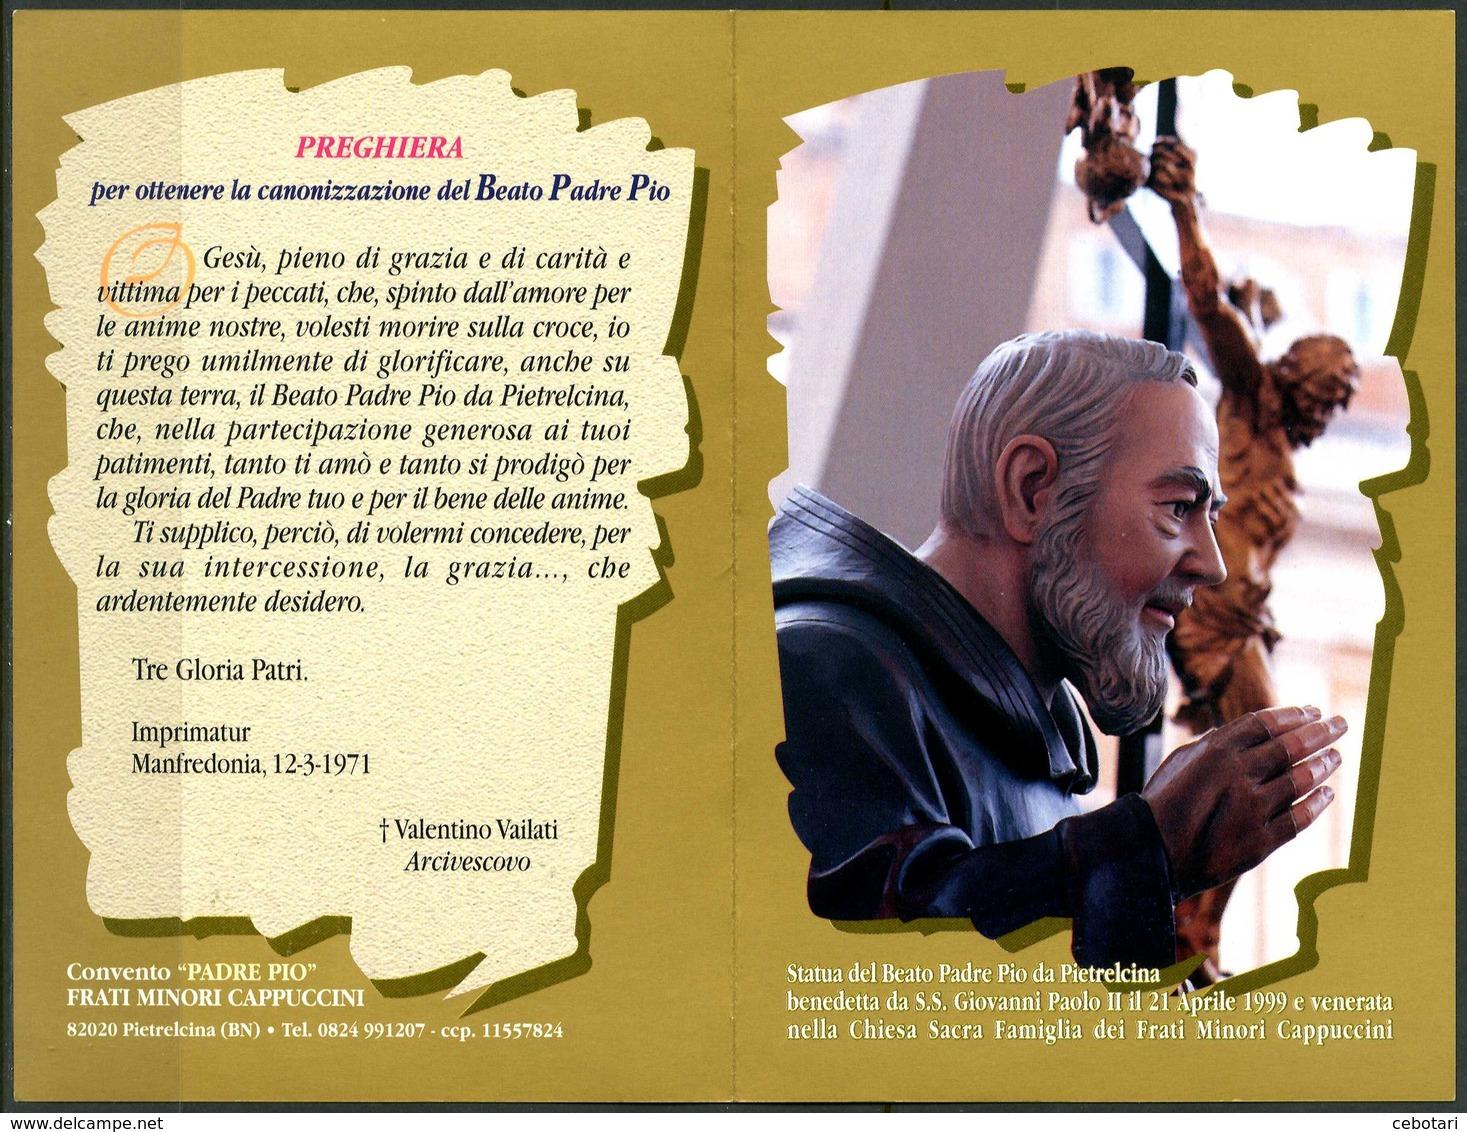 SANTINO - Beato Padre Pio Da Pietrelcina - Santino Pieghevole Con Preghiera, Come Da Scansione. - Devotion Images